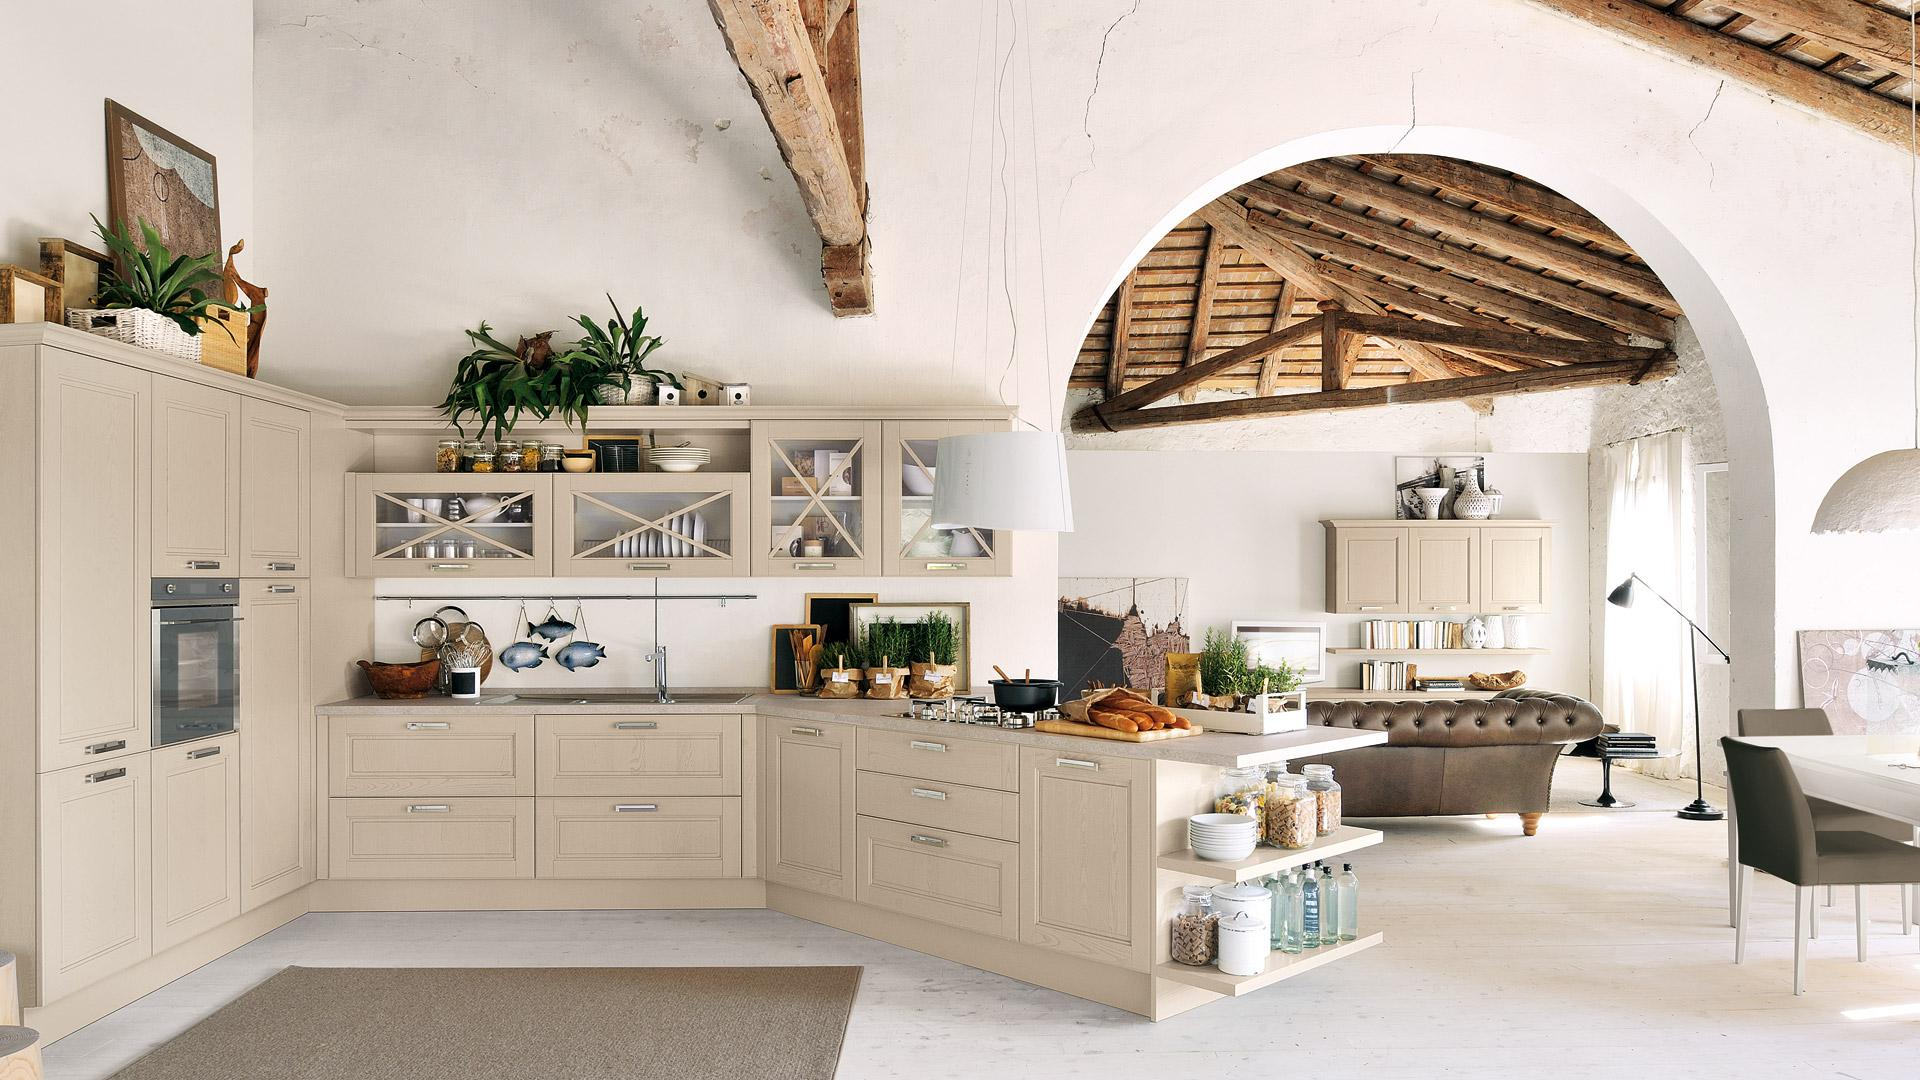 Cucina rustica le soluzioni classiche di lube store per for Accessori cucina arredamento